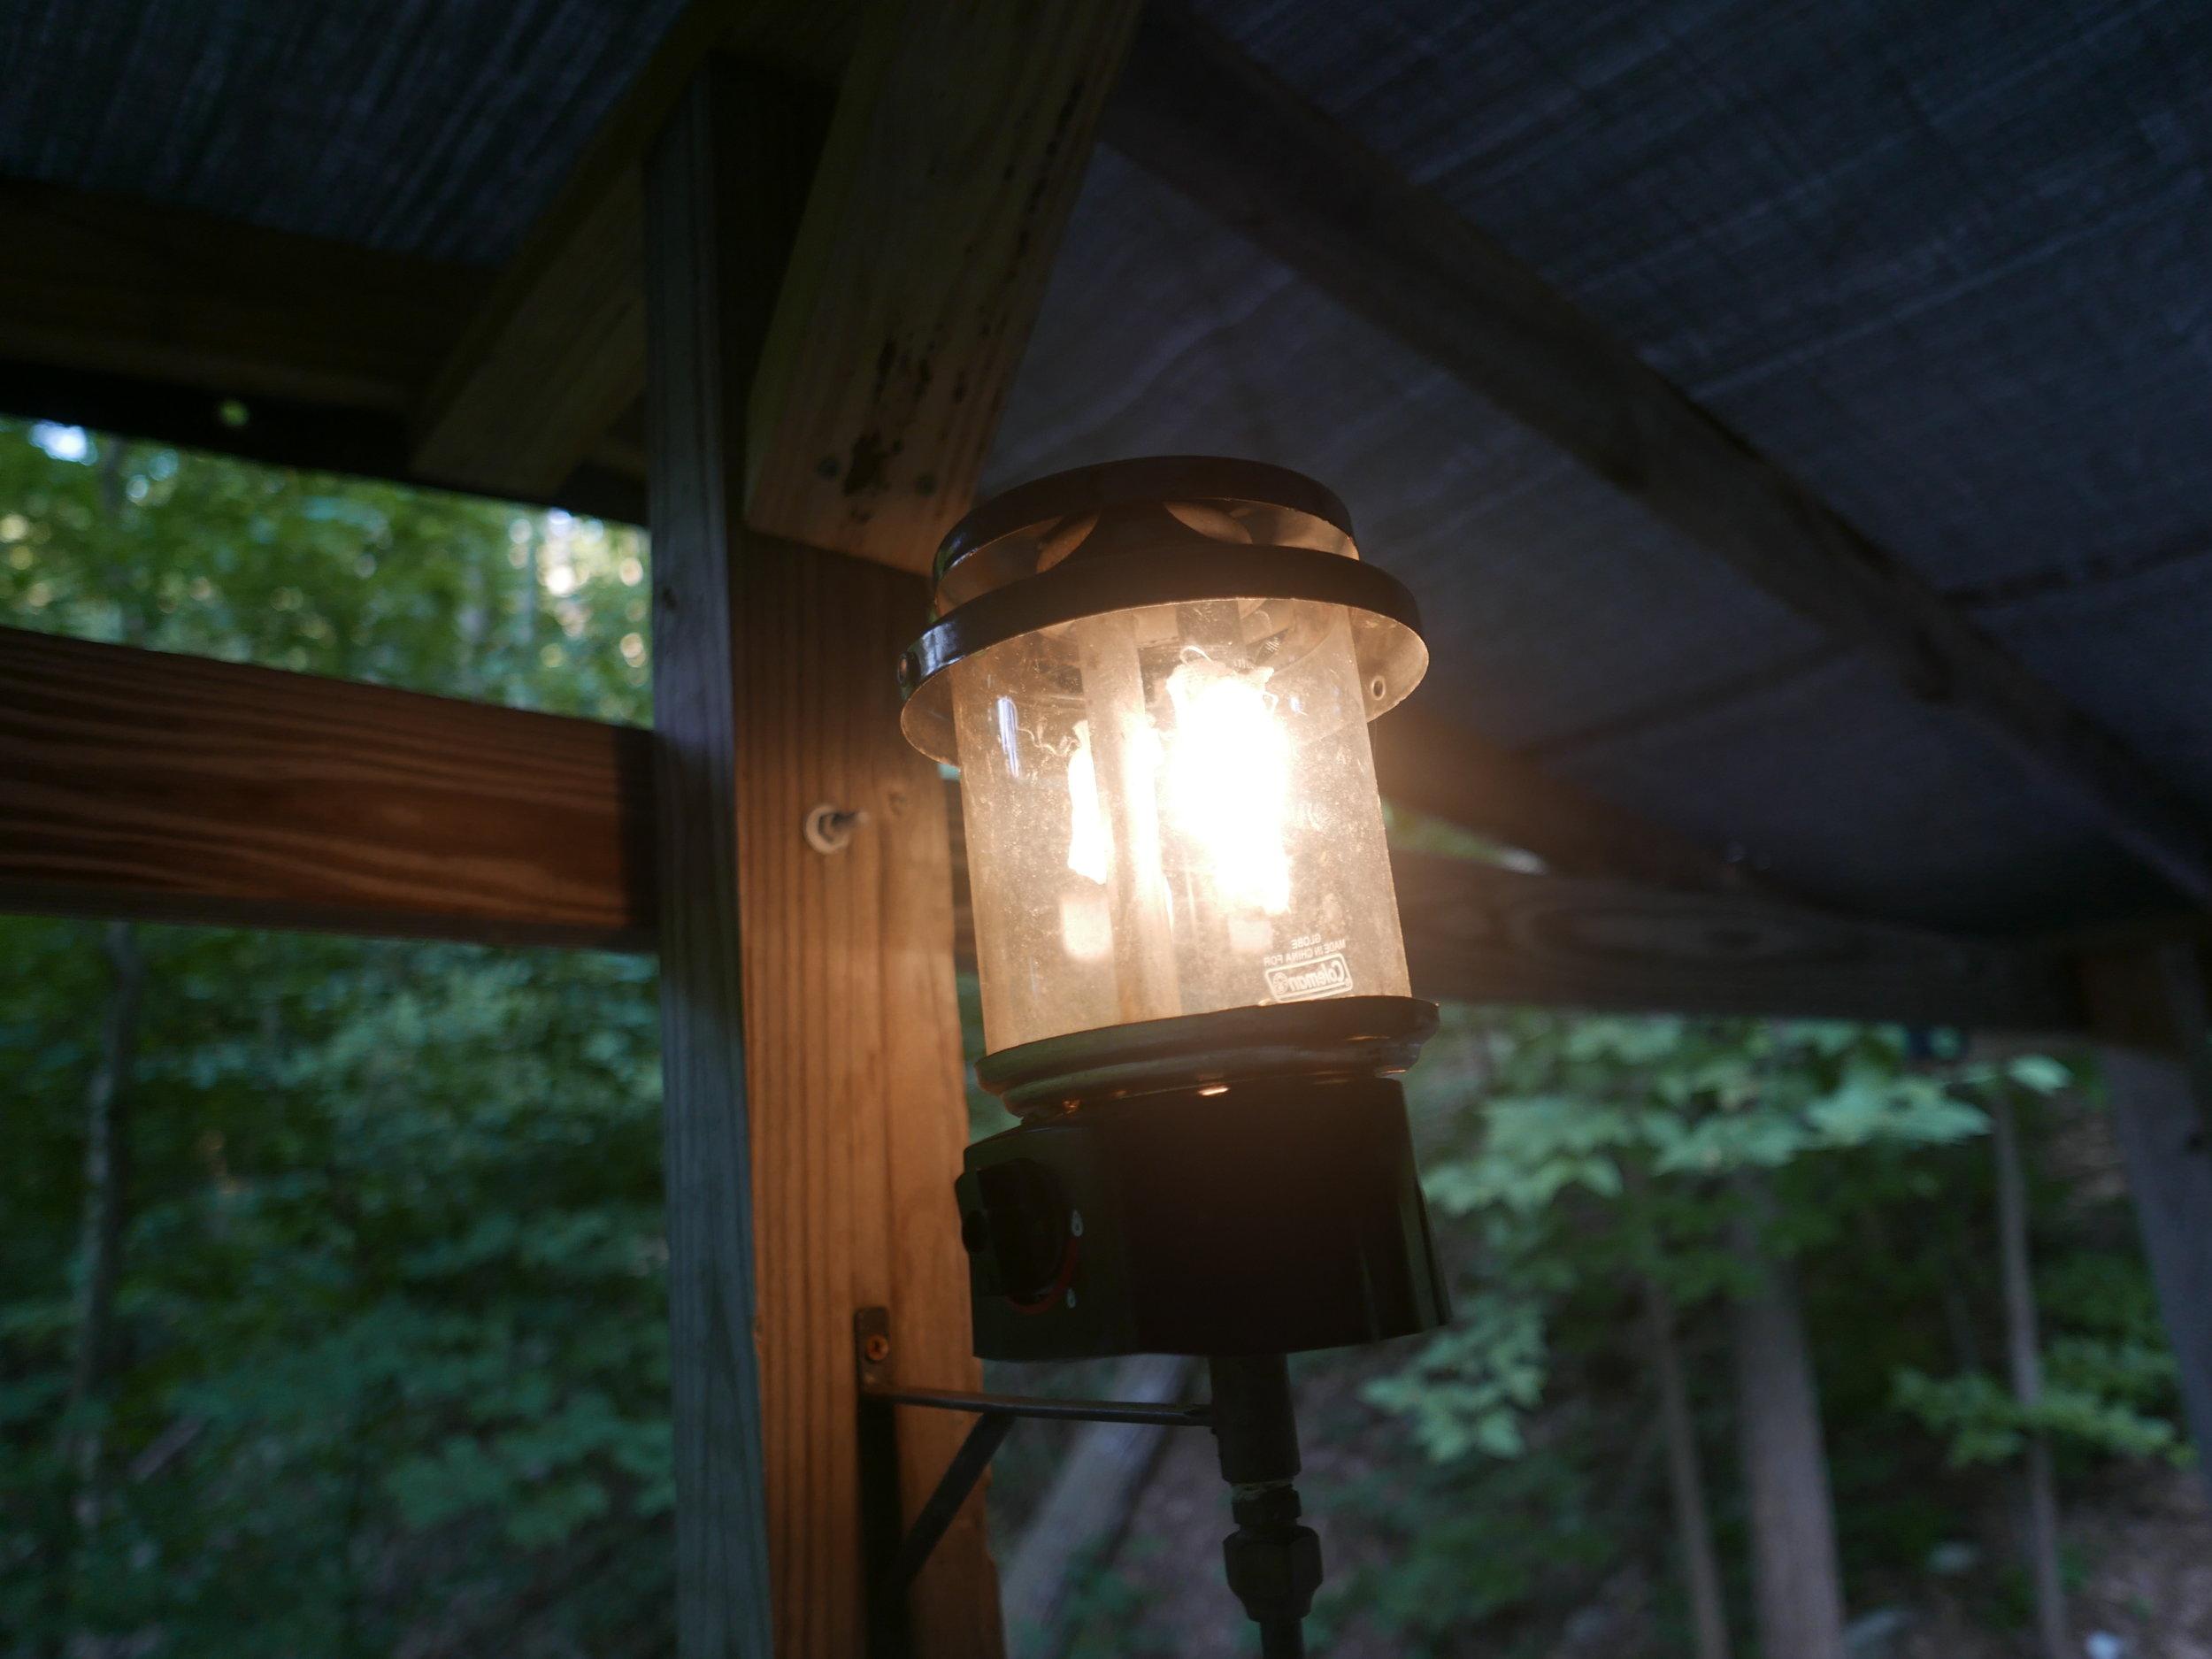 Propane lantern at site